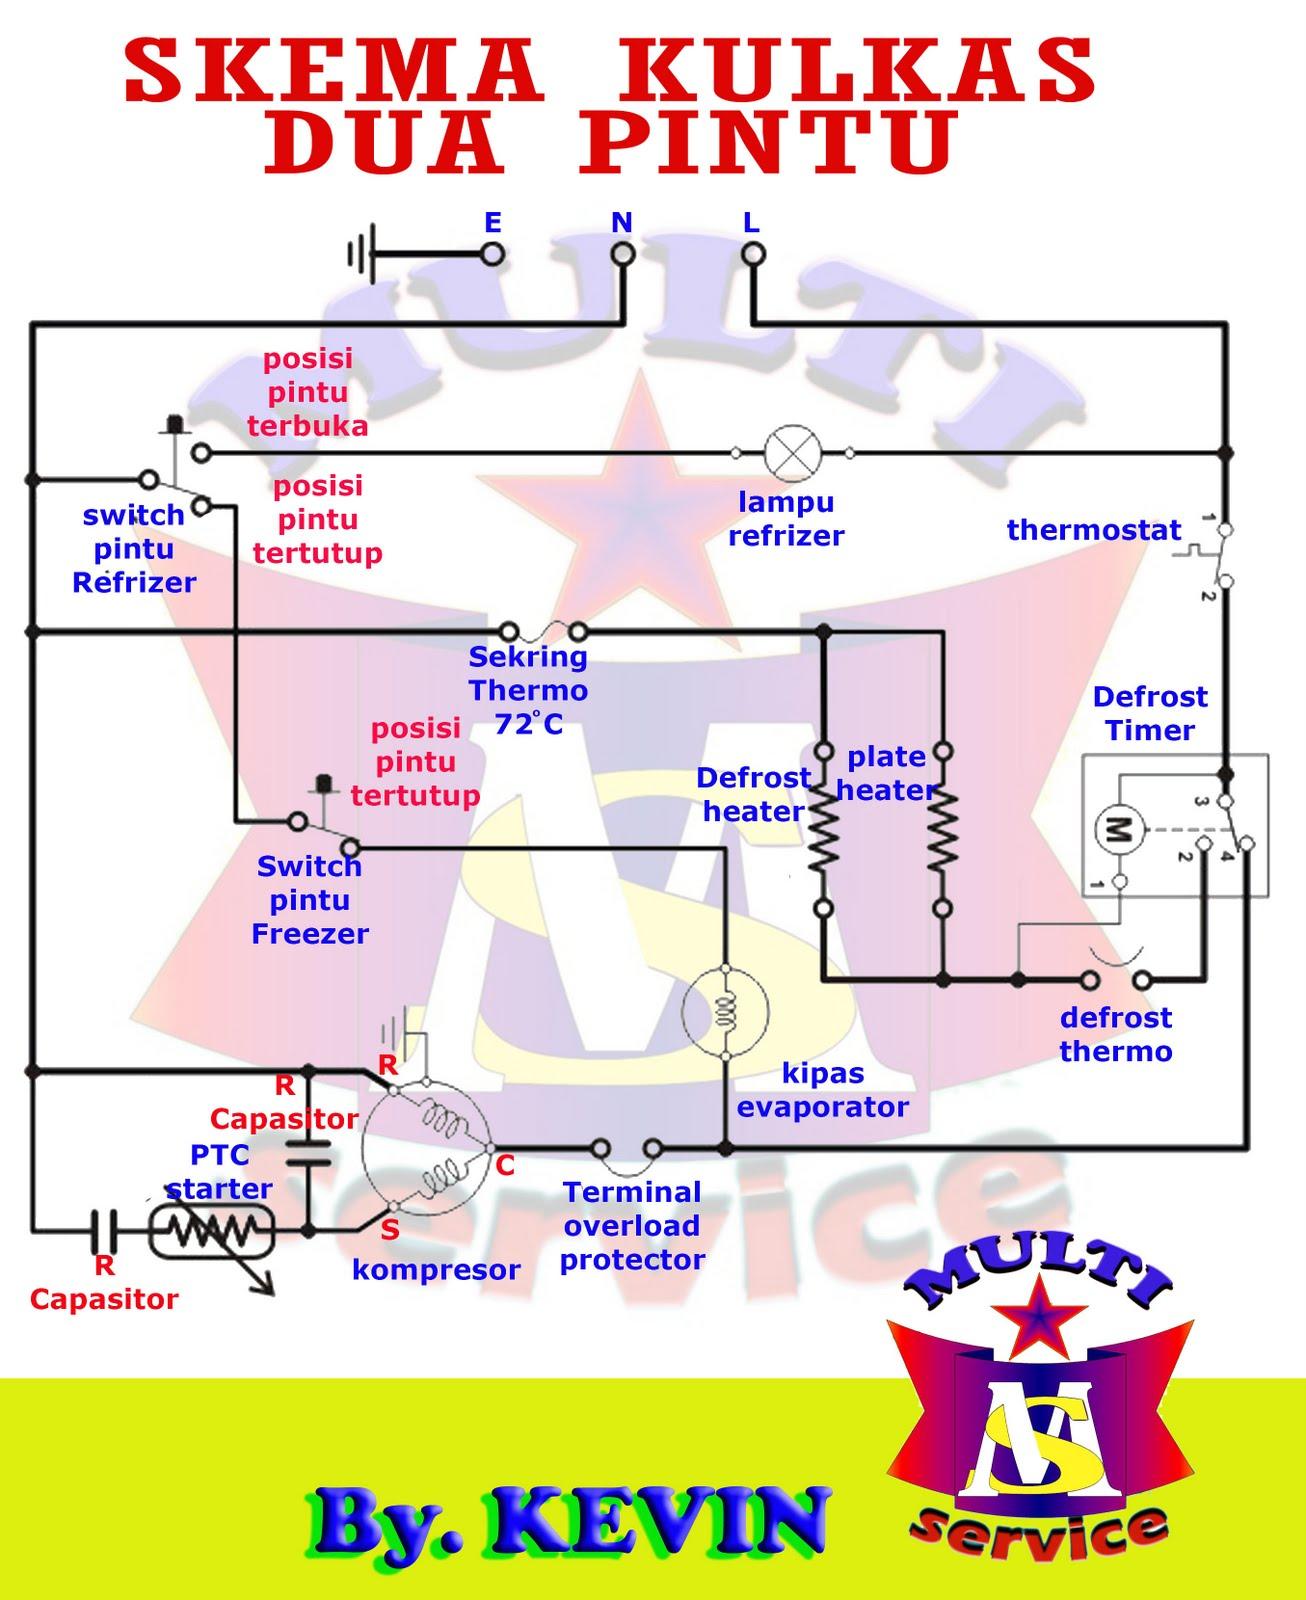 Wiring Diagram Kulkas 2 Pintu Mitsubishi Control Wiring Diagram \u2022  Mitsubishi Eclipse Wiring-Diagram Wiring Diagram Kulkas Mitsubishi